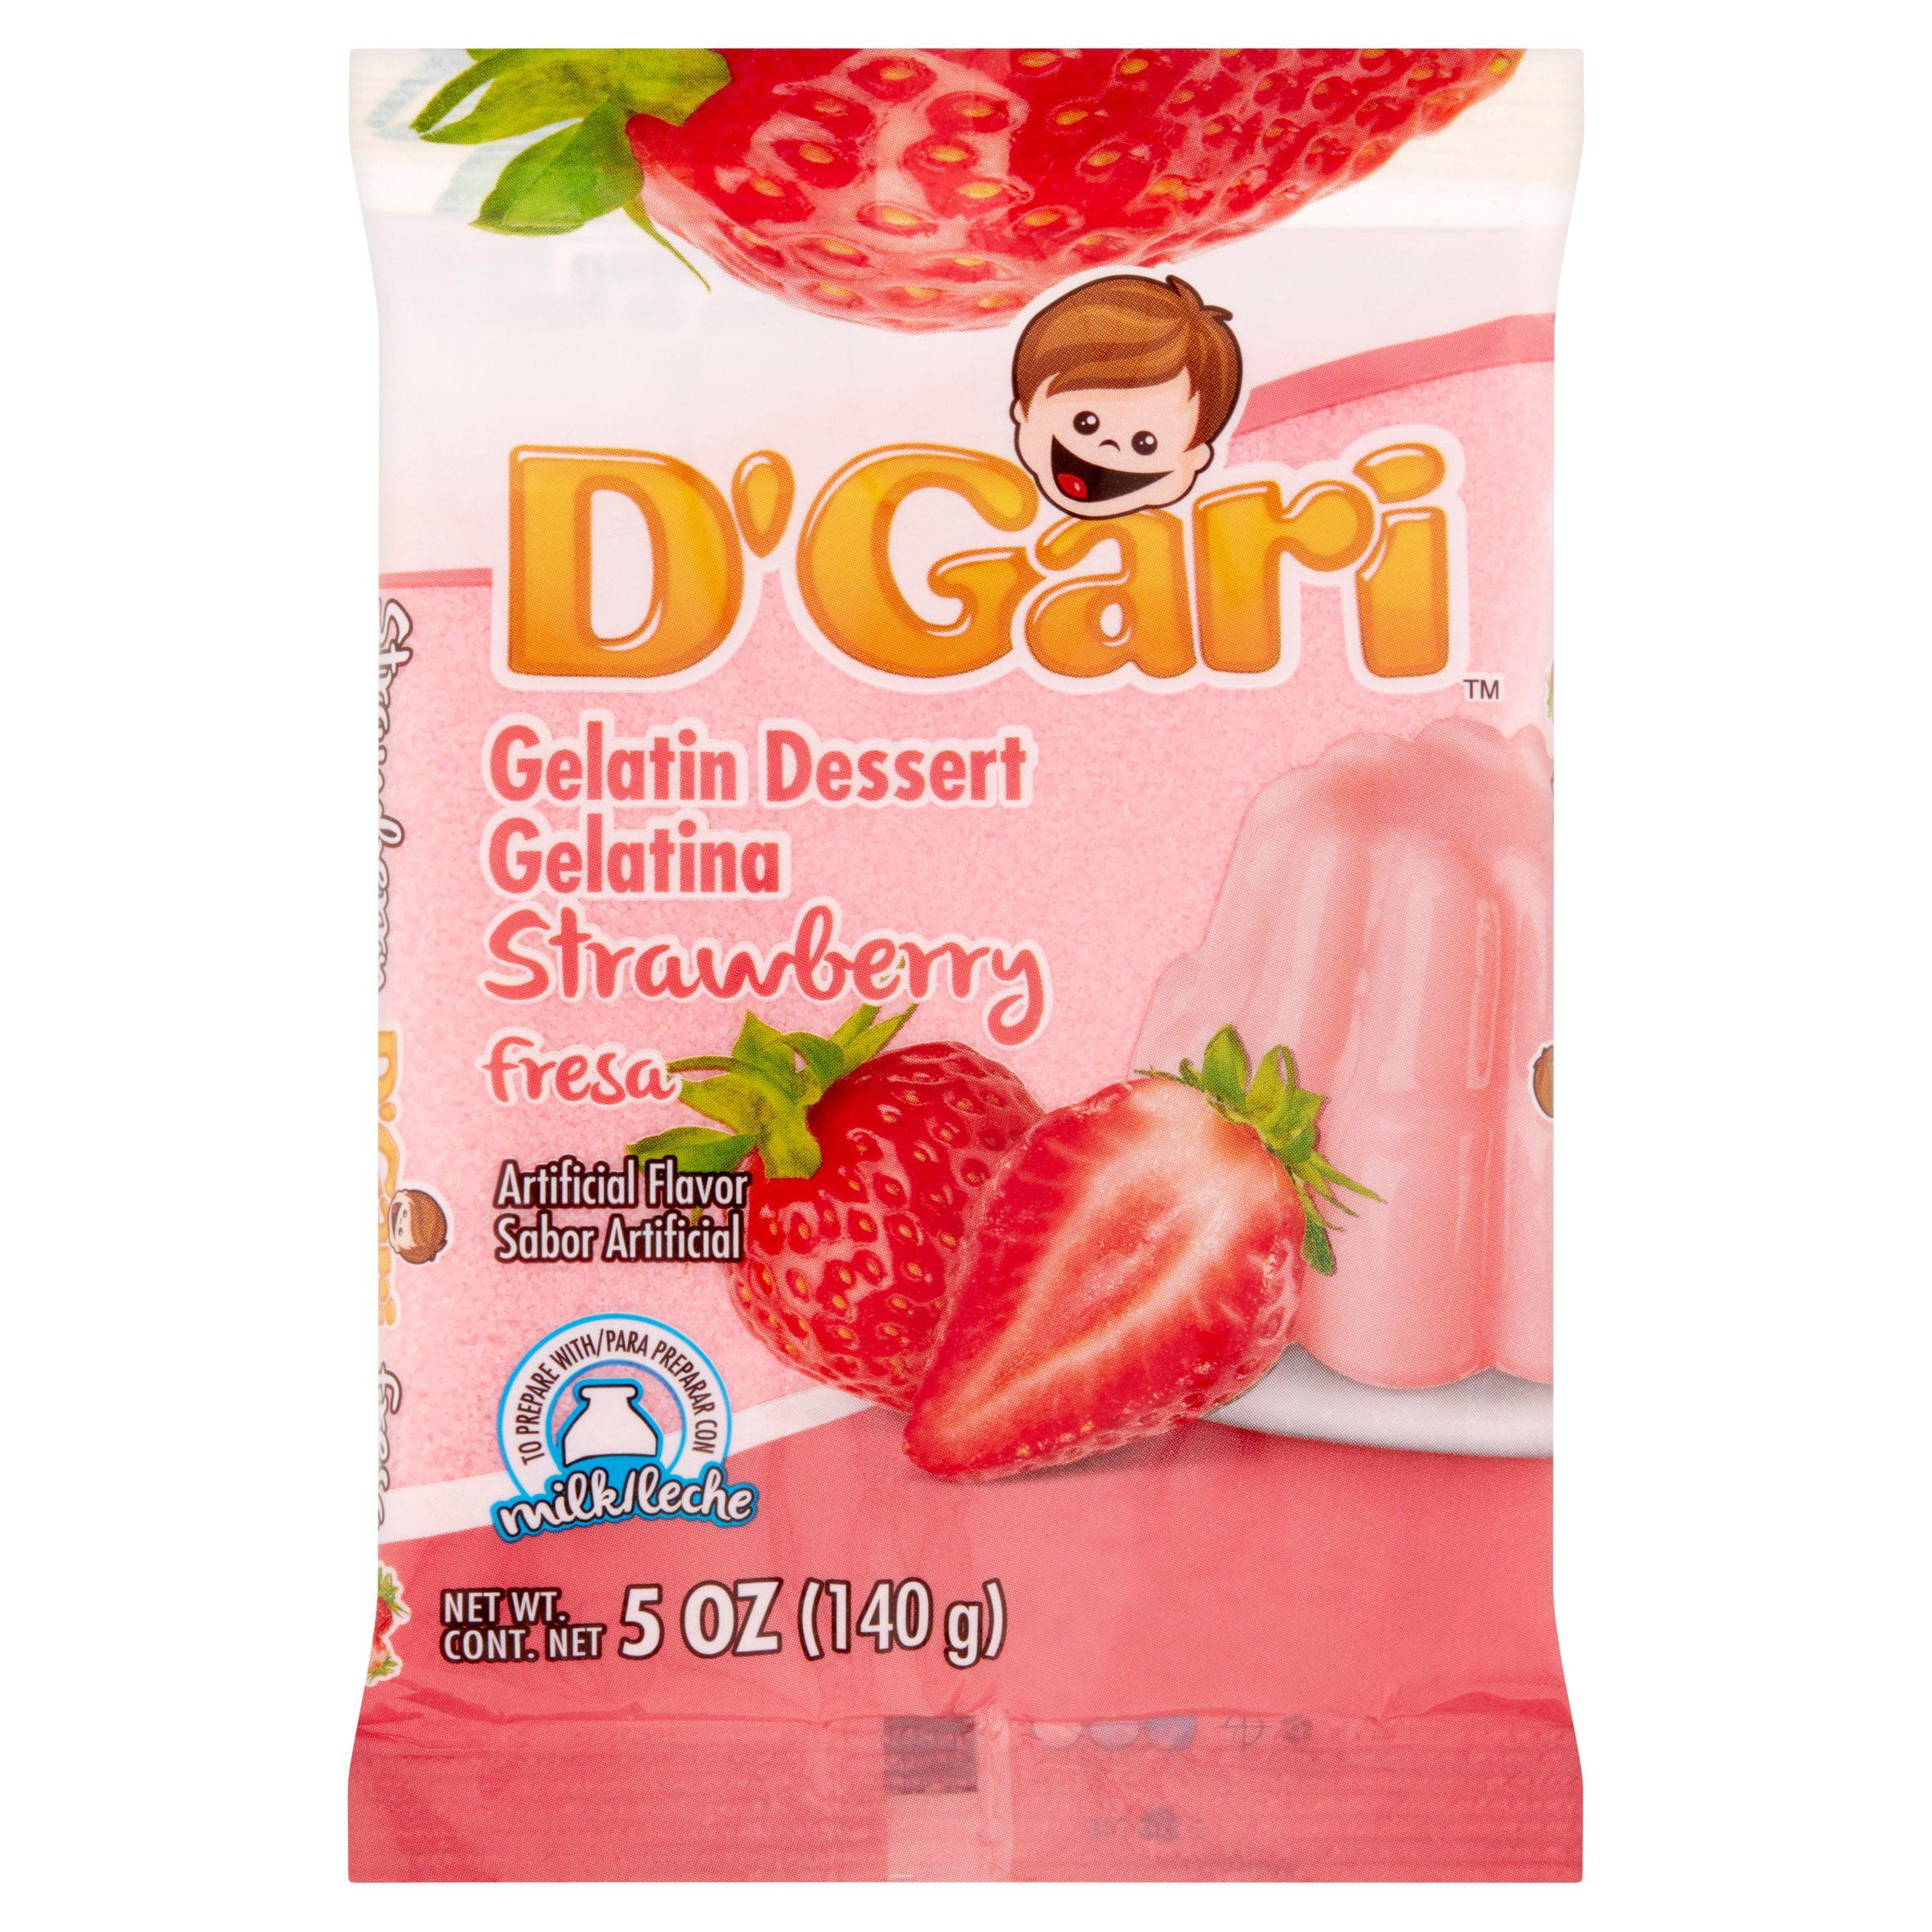 D' Gari Strawberry Gelatin Dessert, 5 oz by Productos Alimenticios Y Dieteticos Relámpago, S.A. de C.V.